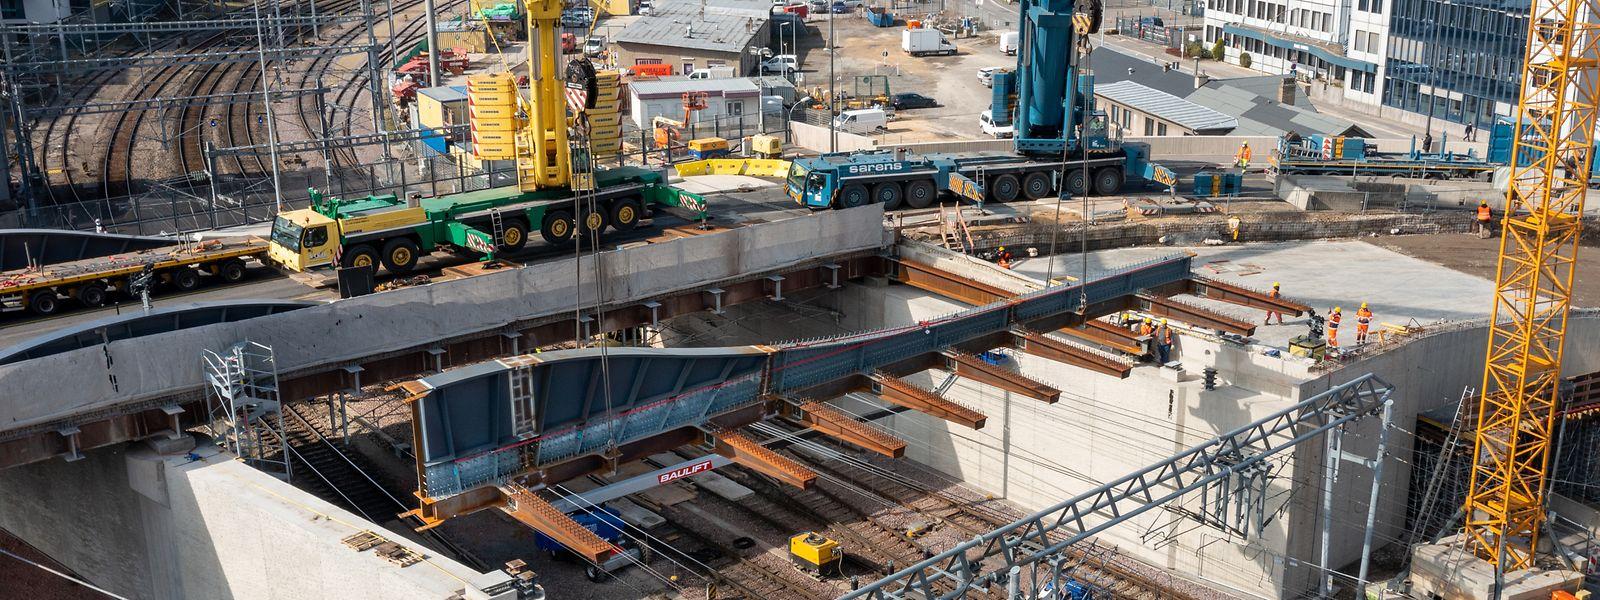 Präzisionsarbeit 70 Tonnen Stahl müssen an den richtigen Platz.